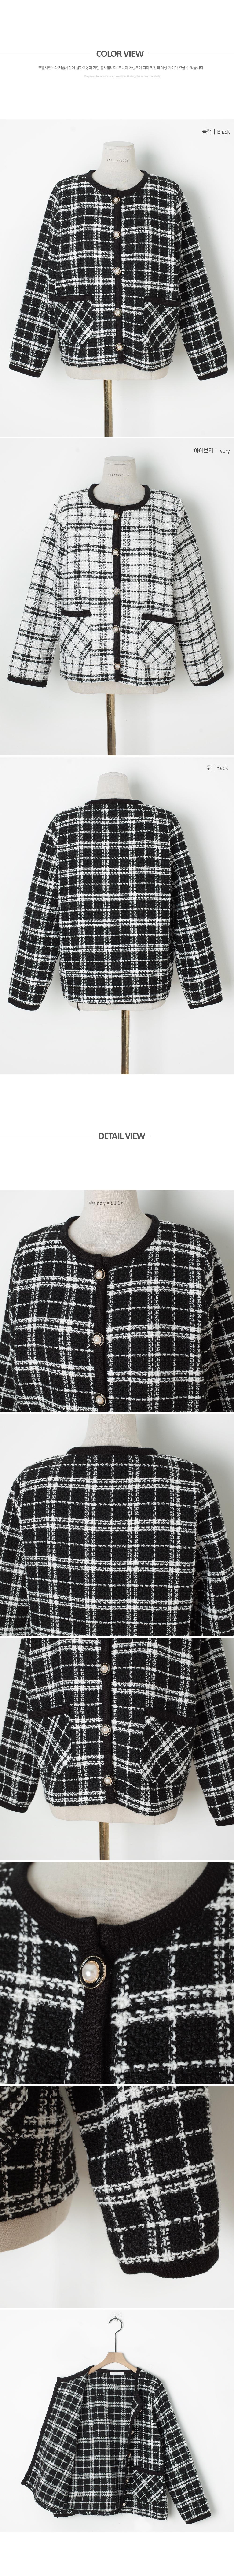 Elegant tweed jacket